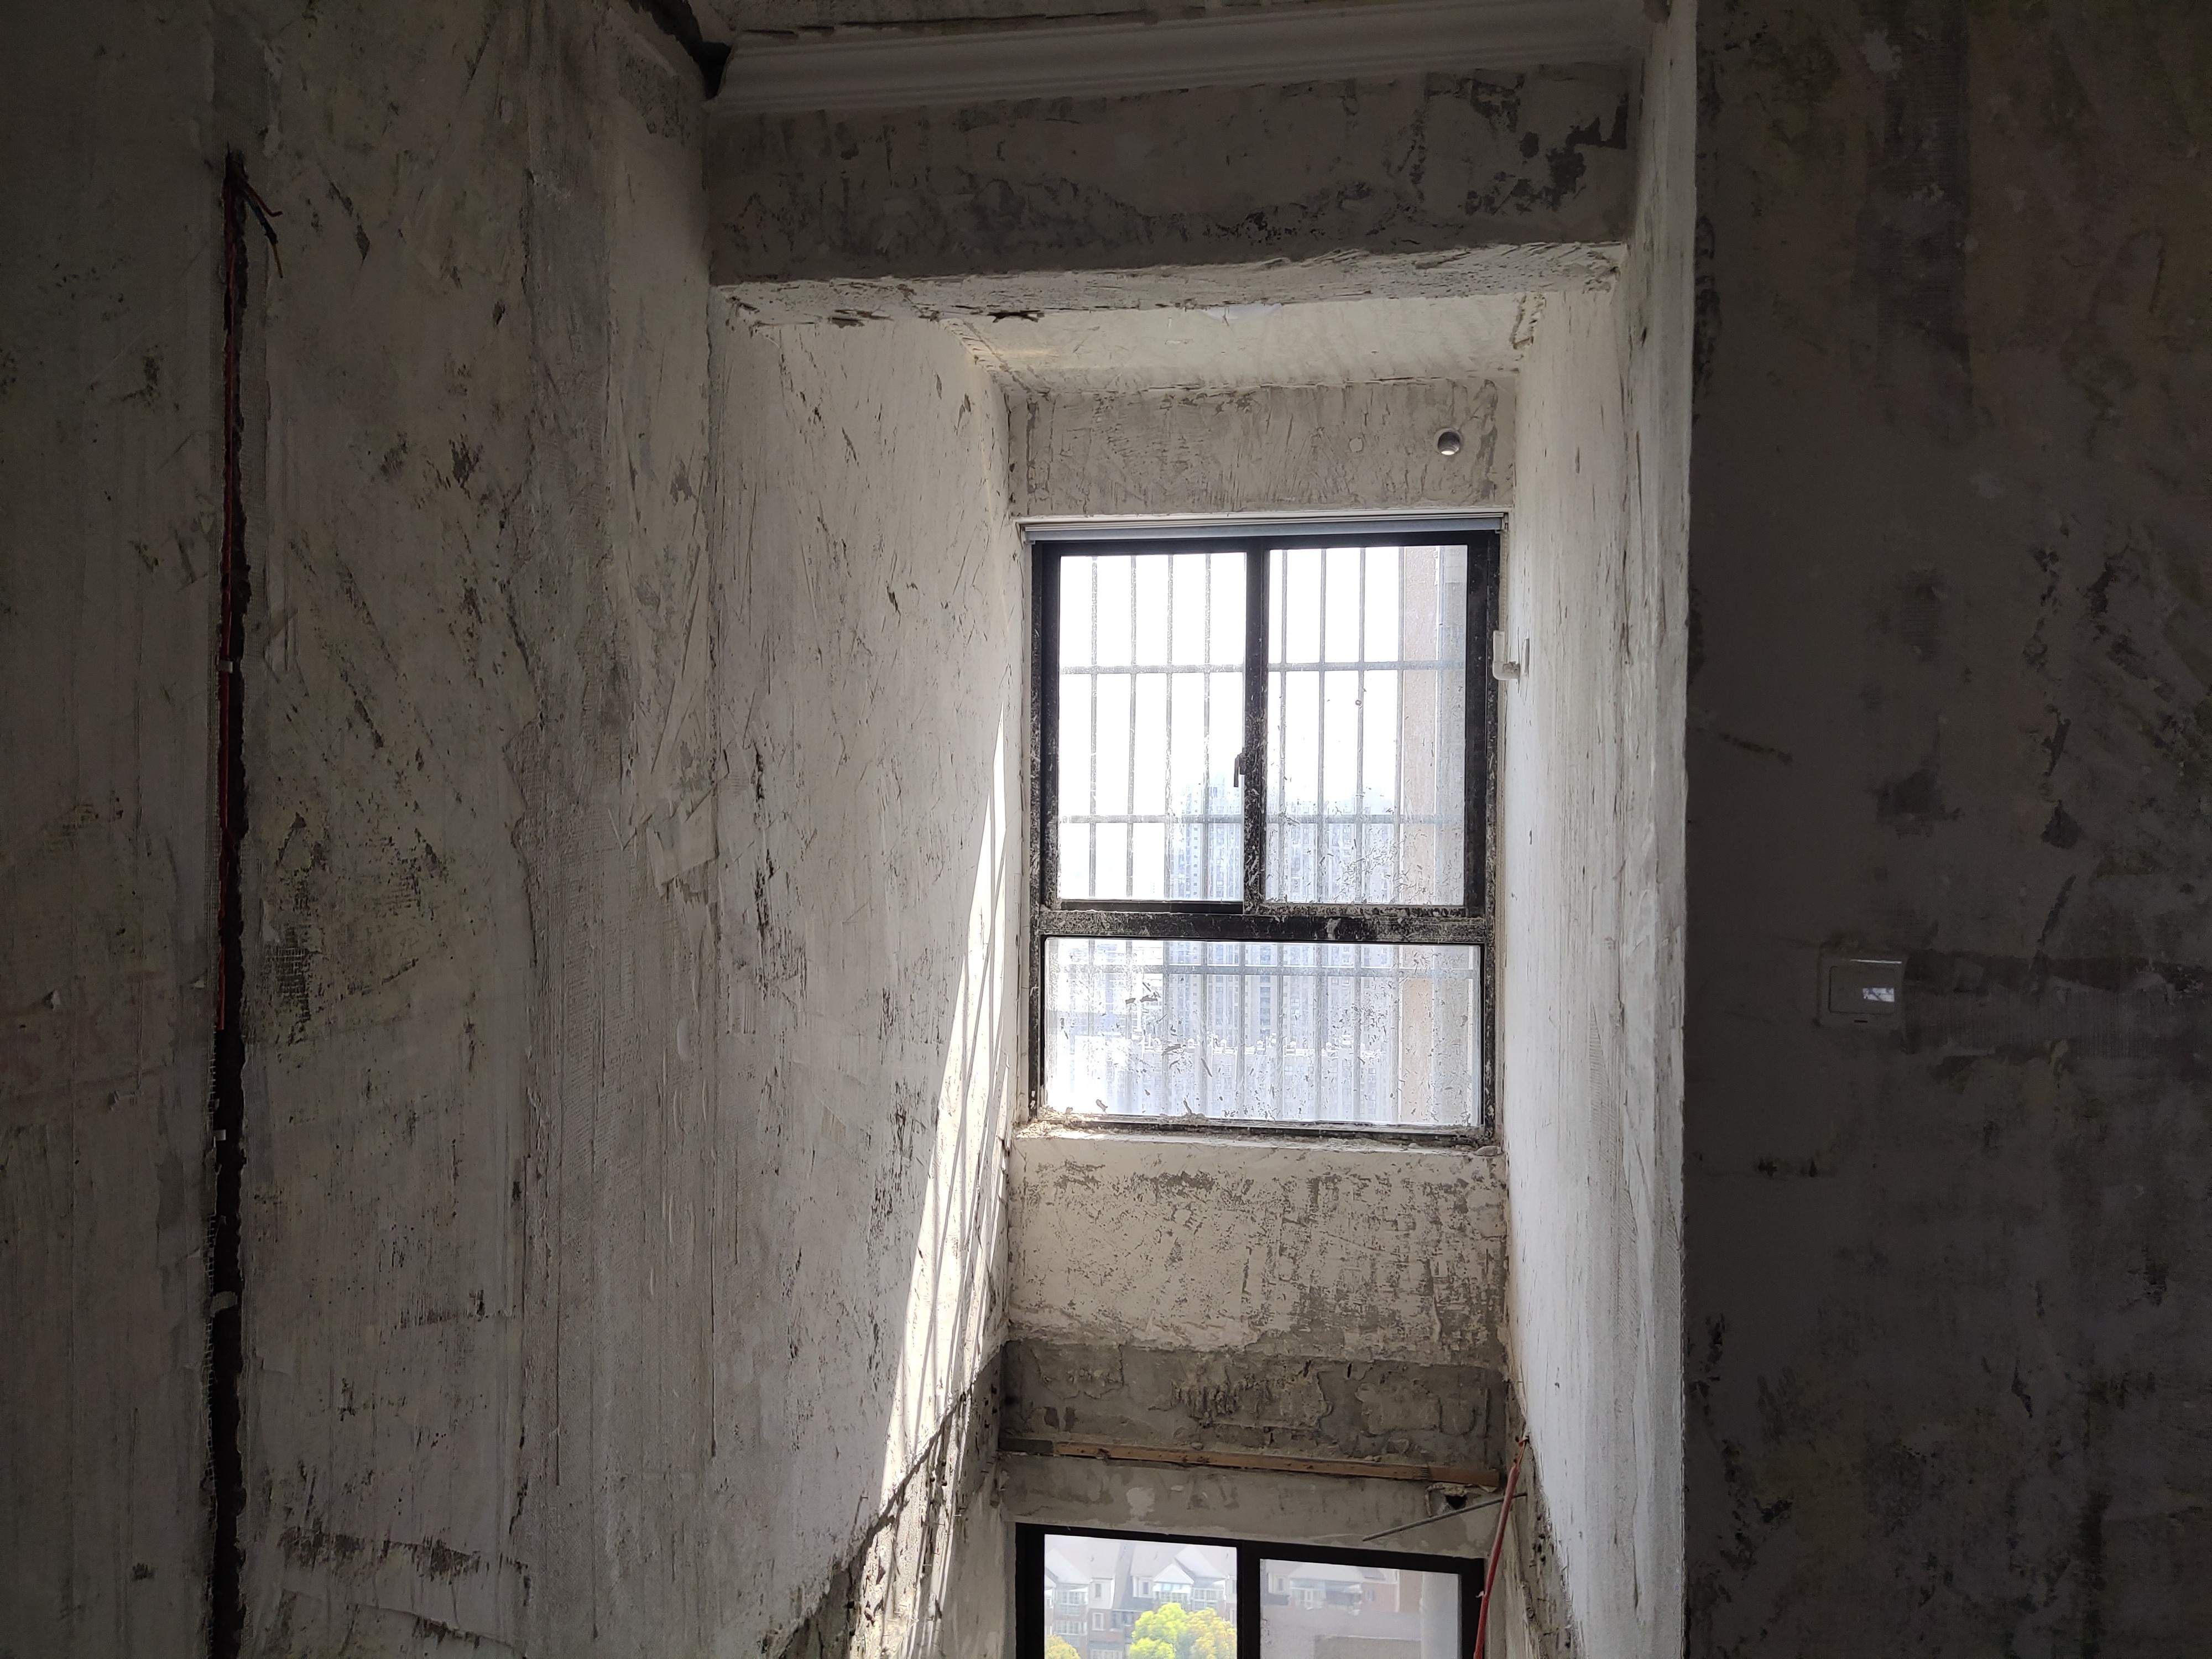 今日好房 莱蒙城中央府稀缺顶楼复式使用面积多视野好满二年近地铁价可谈有钥匙随时看